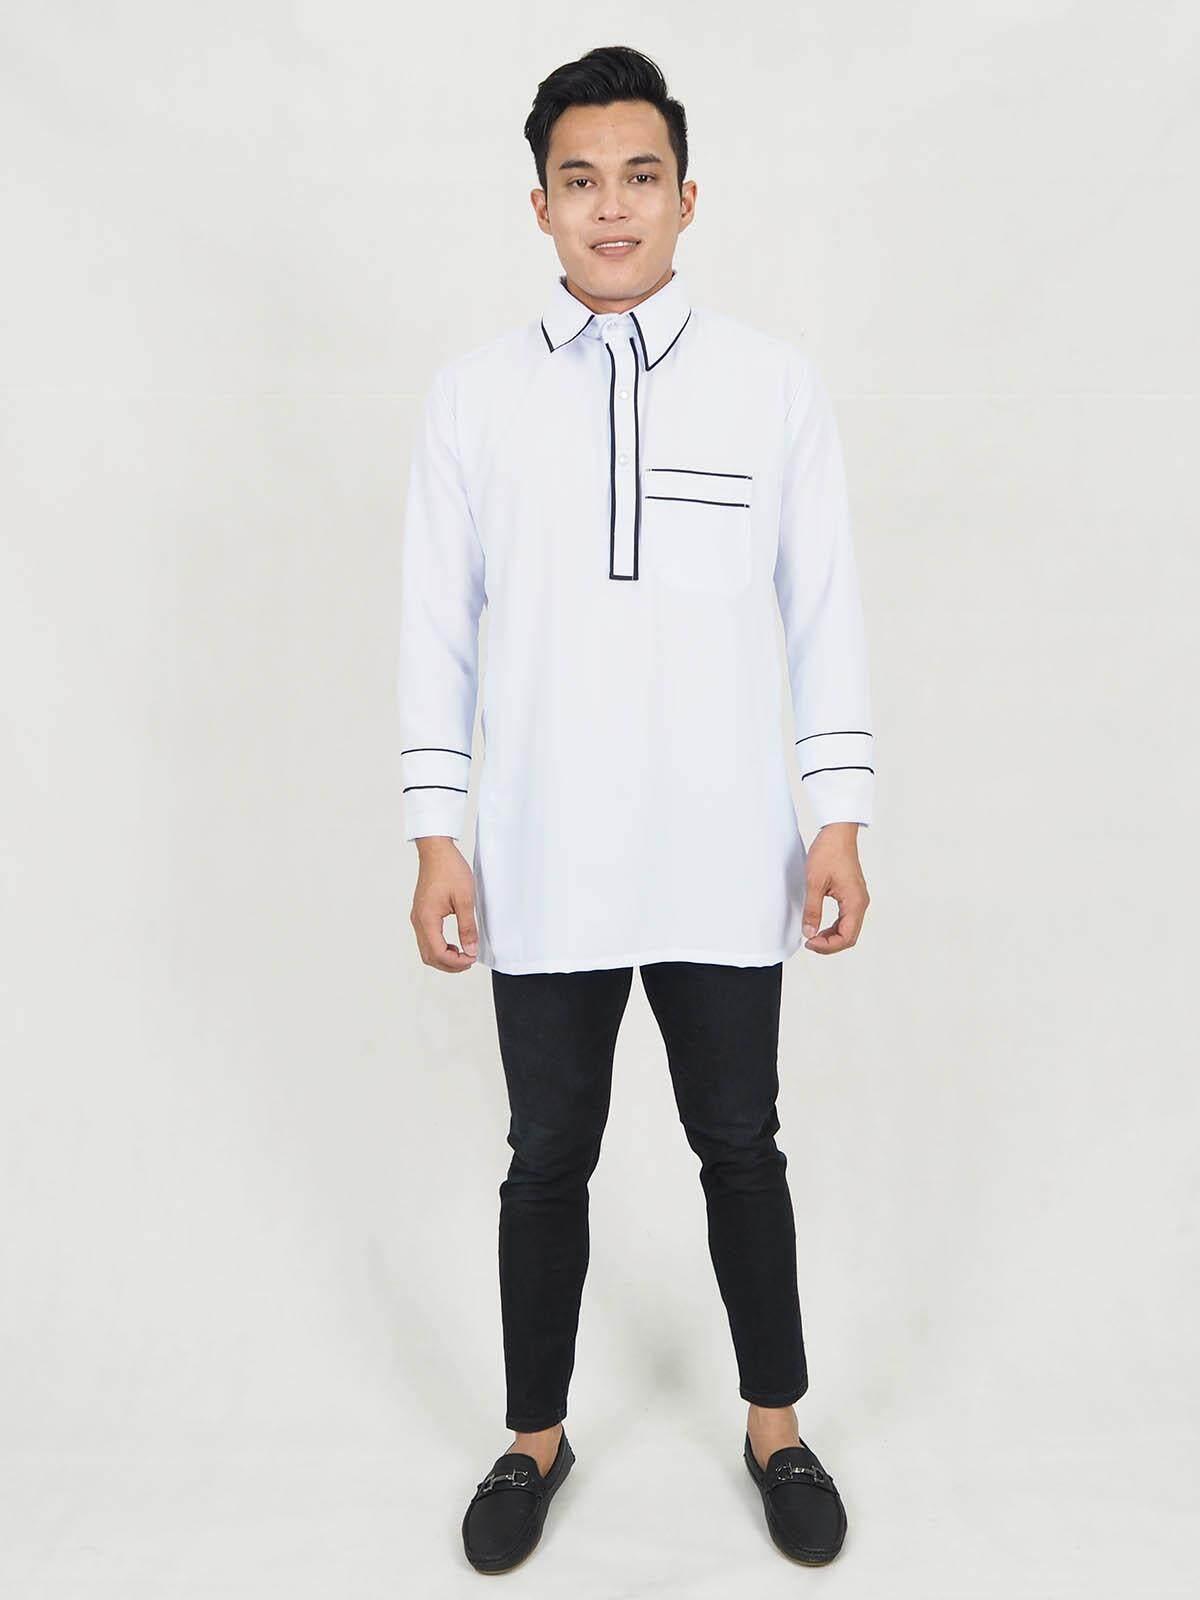 Muslim Men Fashion Moden Collar Kurta / Ulric Collar Men Kurta (XXS-XL) / Modern Men Collar Kurta